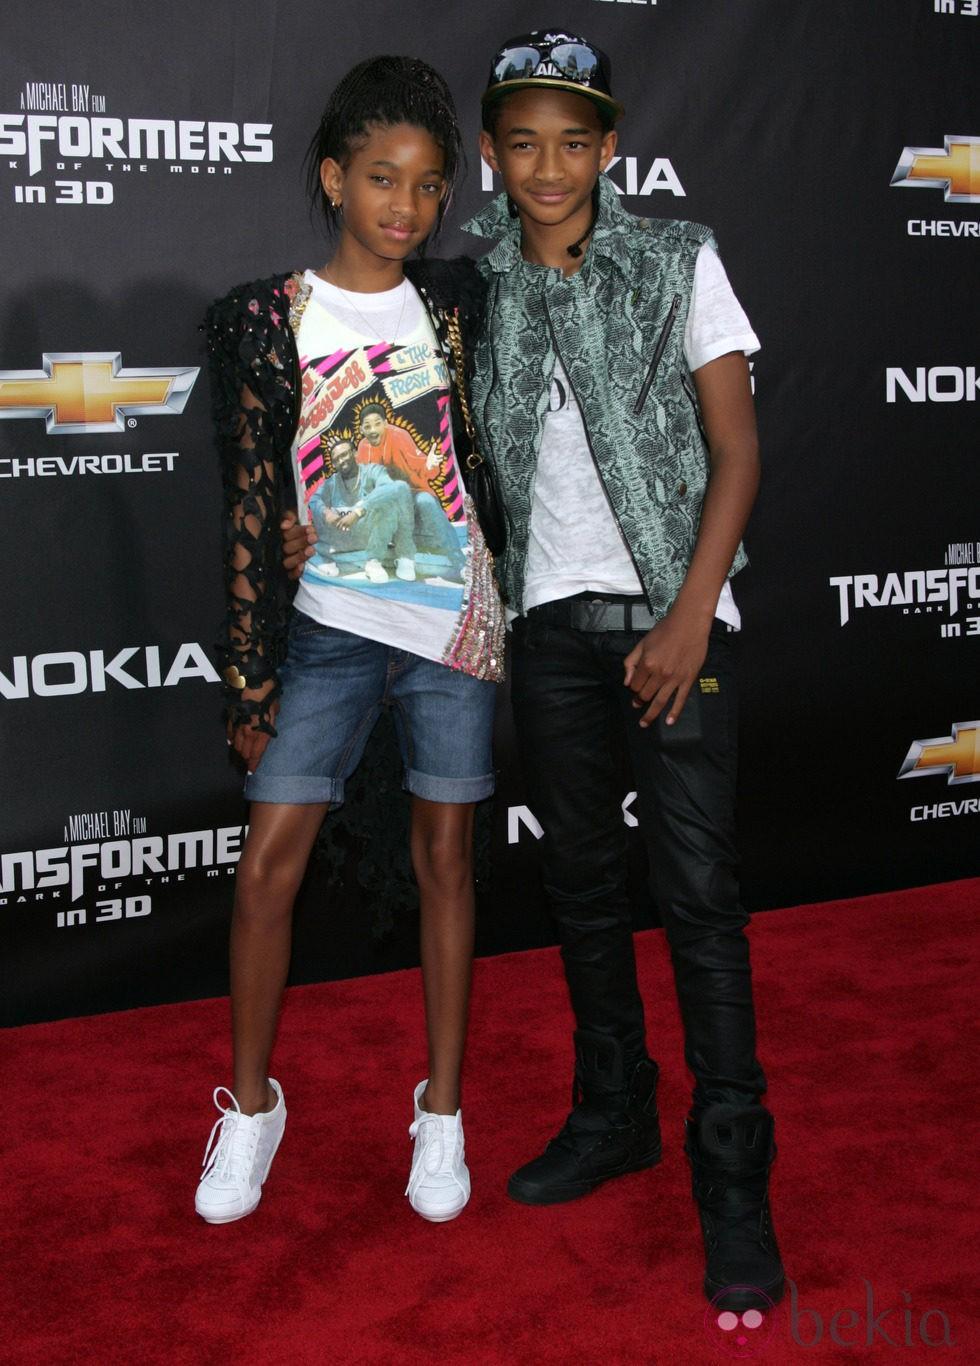 Willow y Jaden Smith en la premiere en Nueva York de Transformers 3